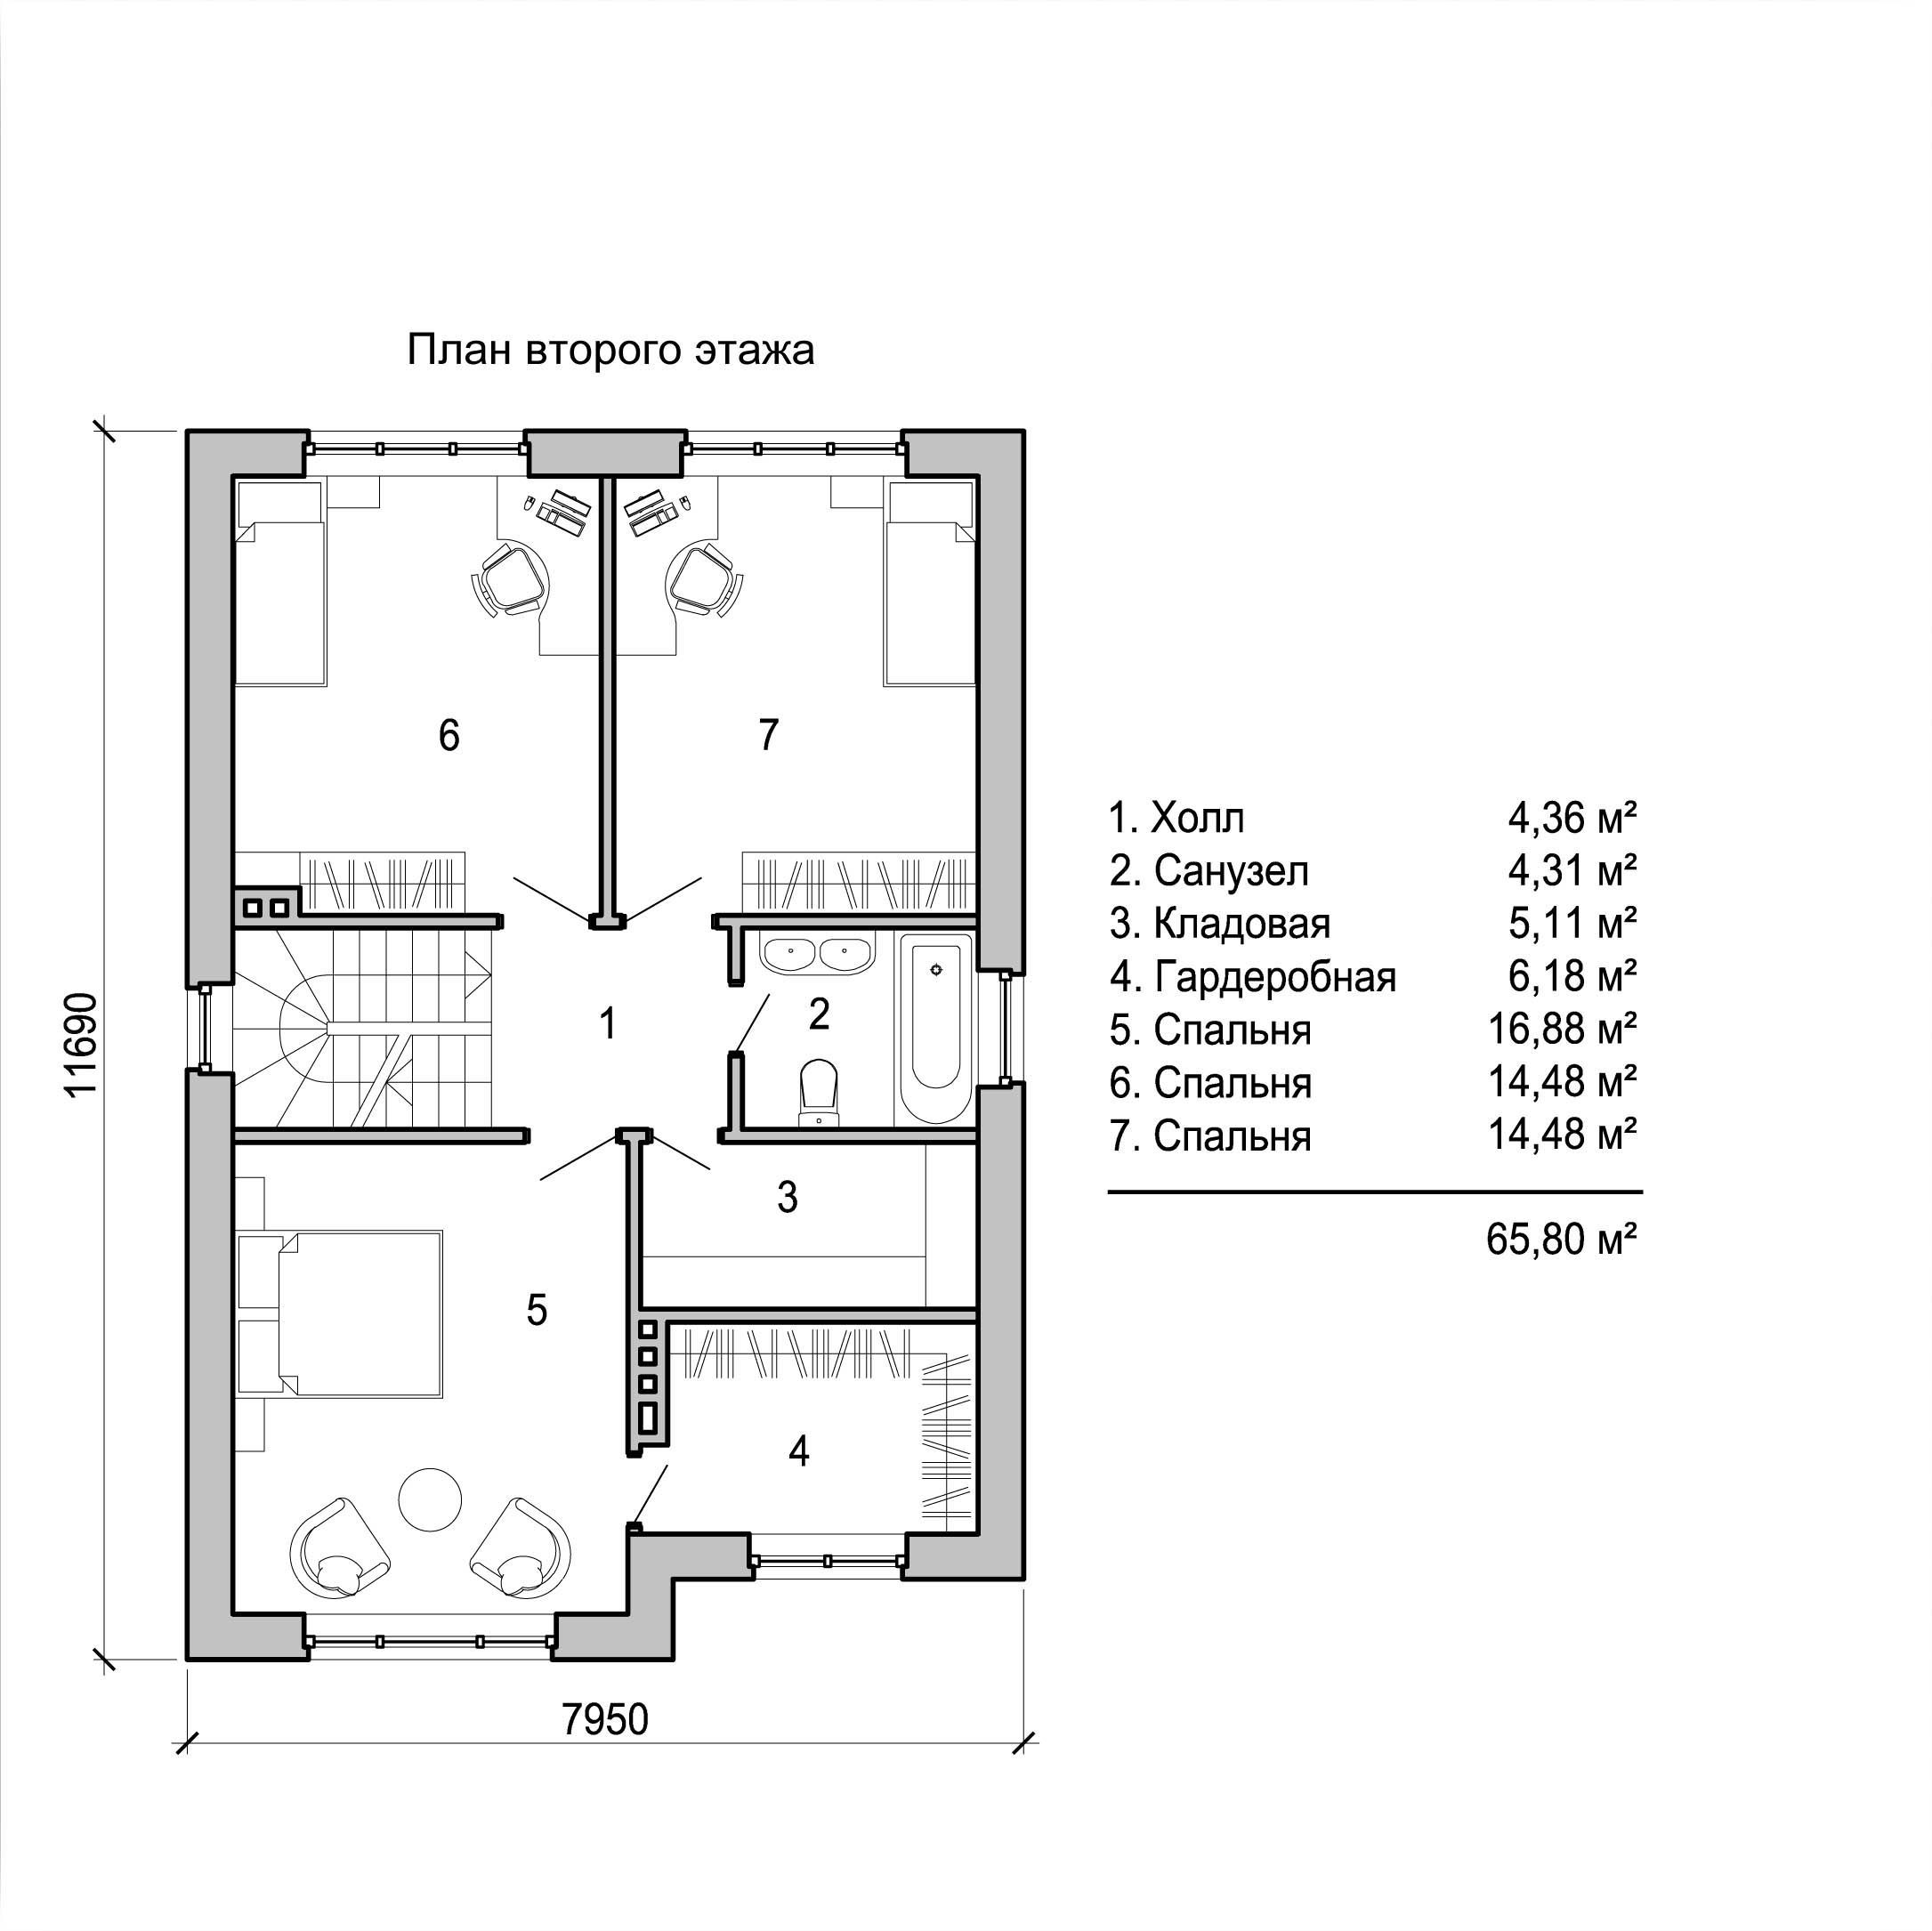 схема и картинки дома двухэт пять комнат это, наверное, одна